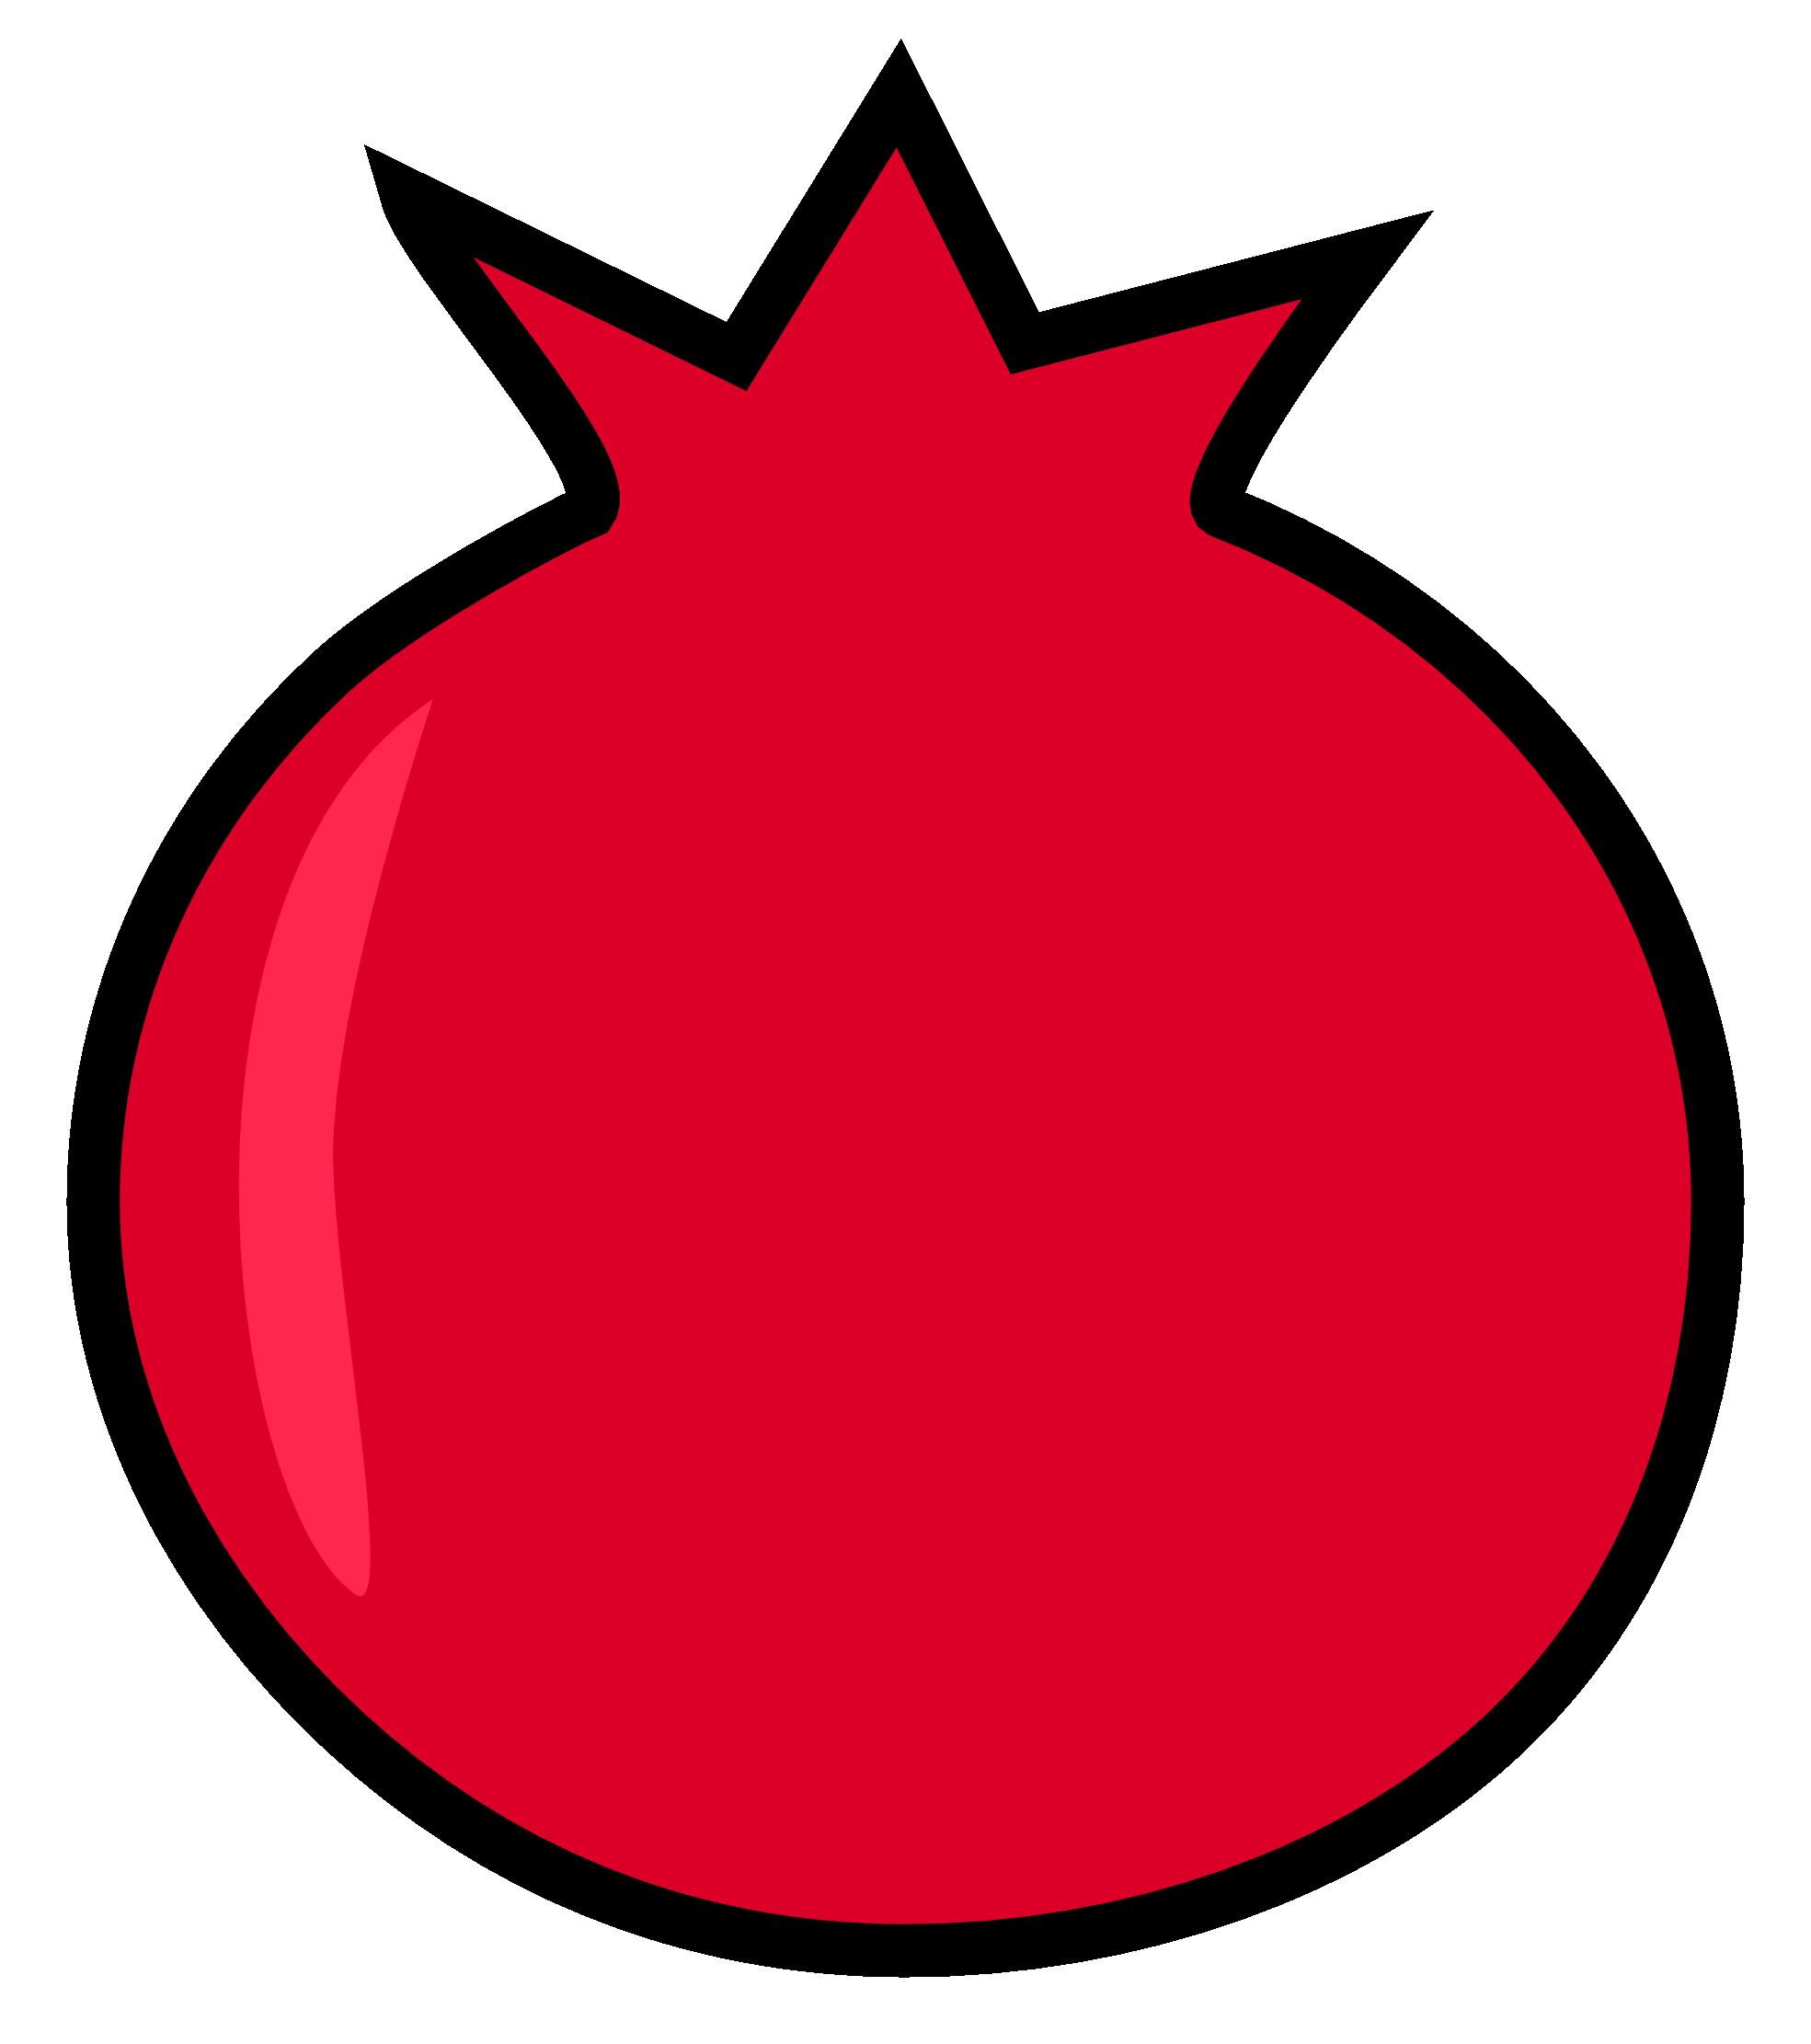 Clip Art Pomegranate Clipart pomegranate clipart panda free images